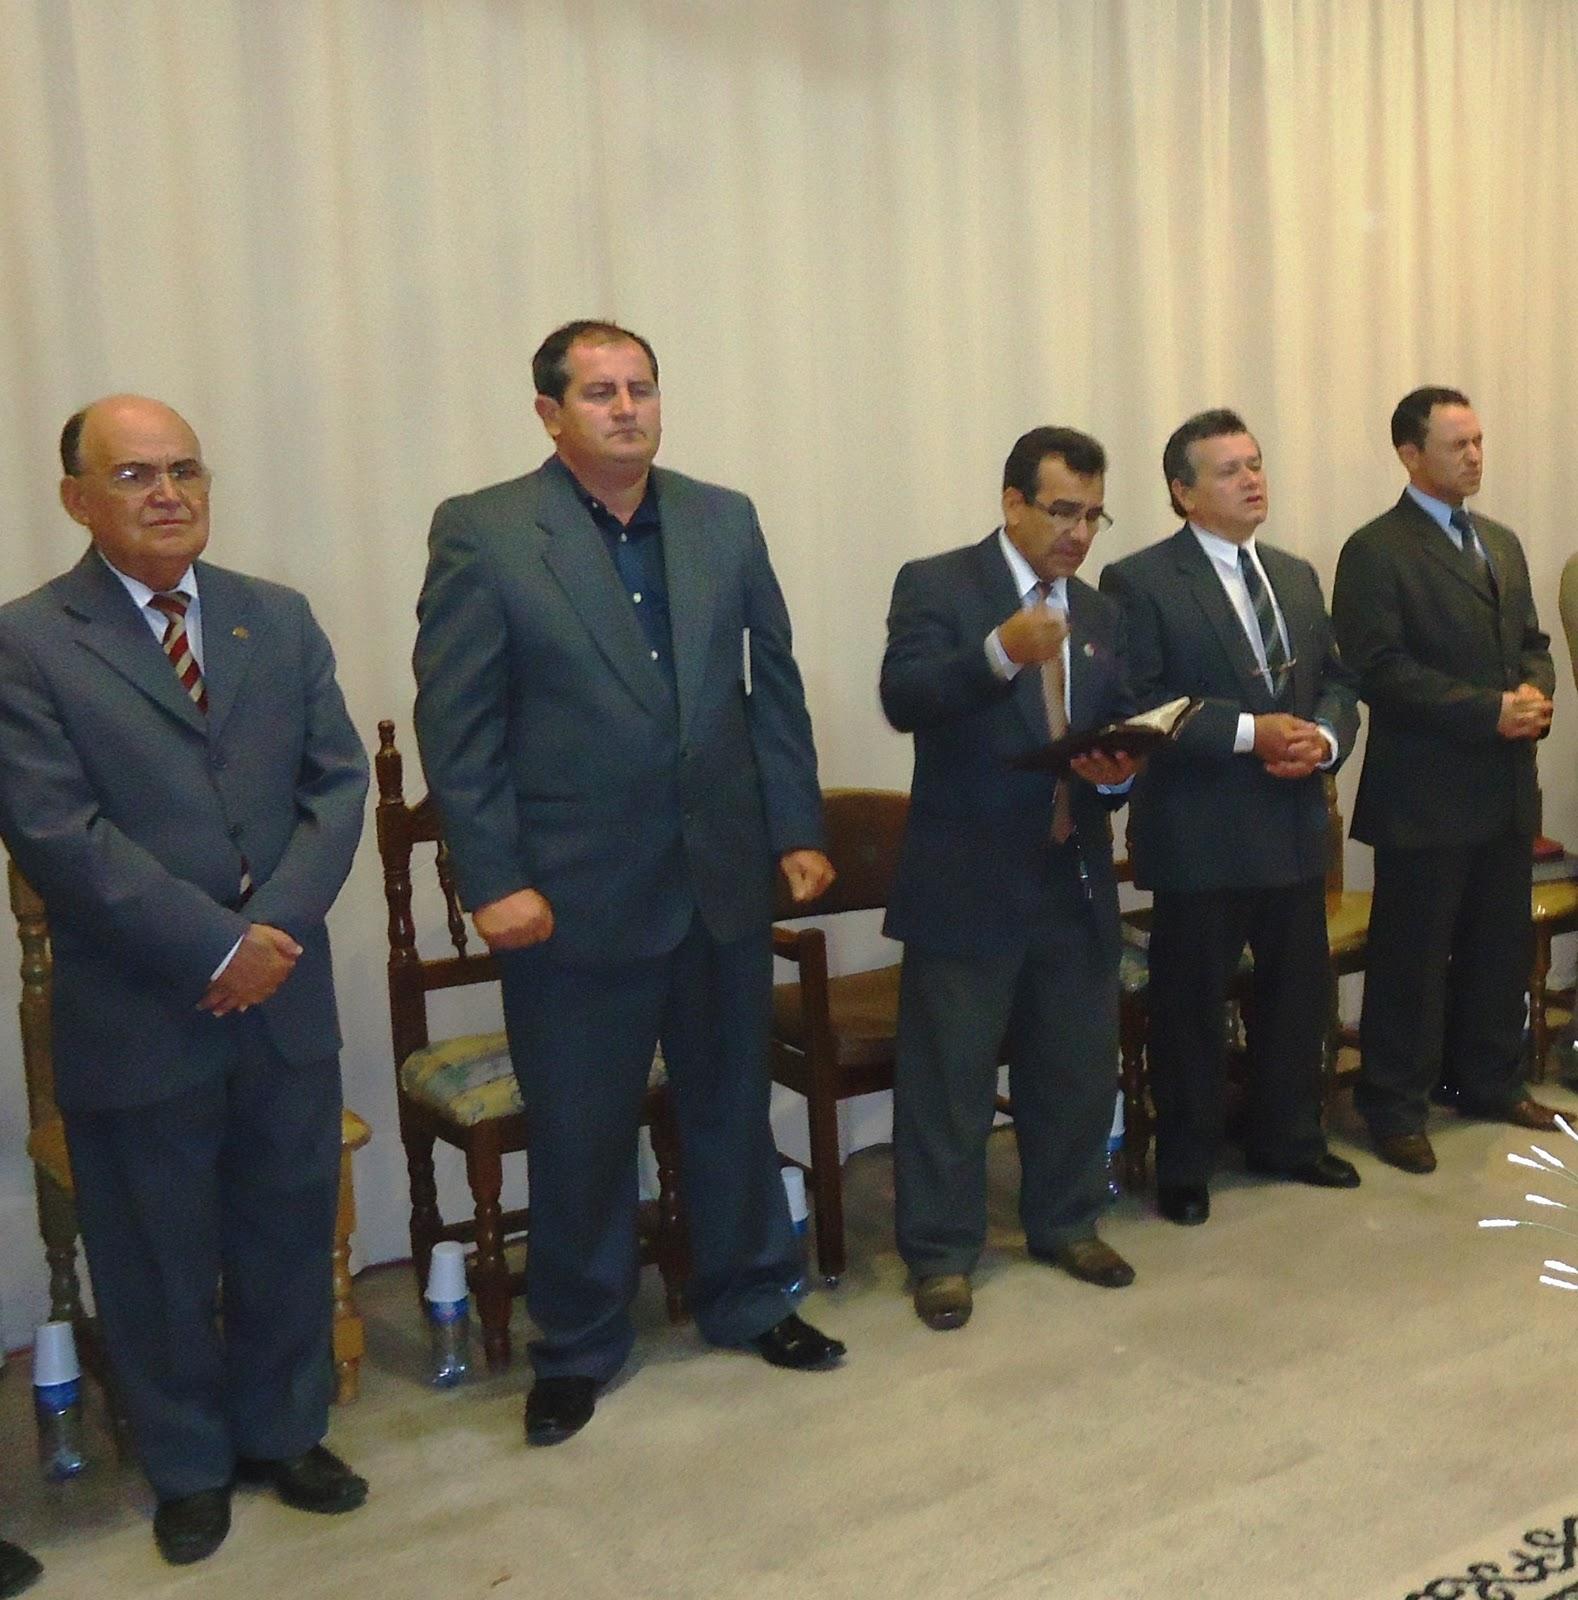 Milto Leite: A Voz Missionária: Visita Missionária A San Lorenzo-Paraguai